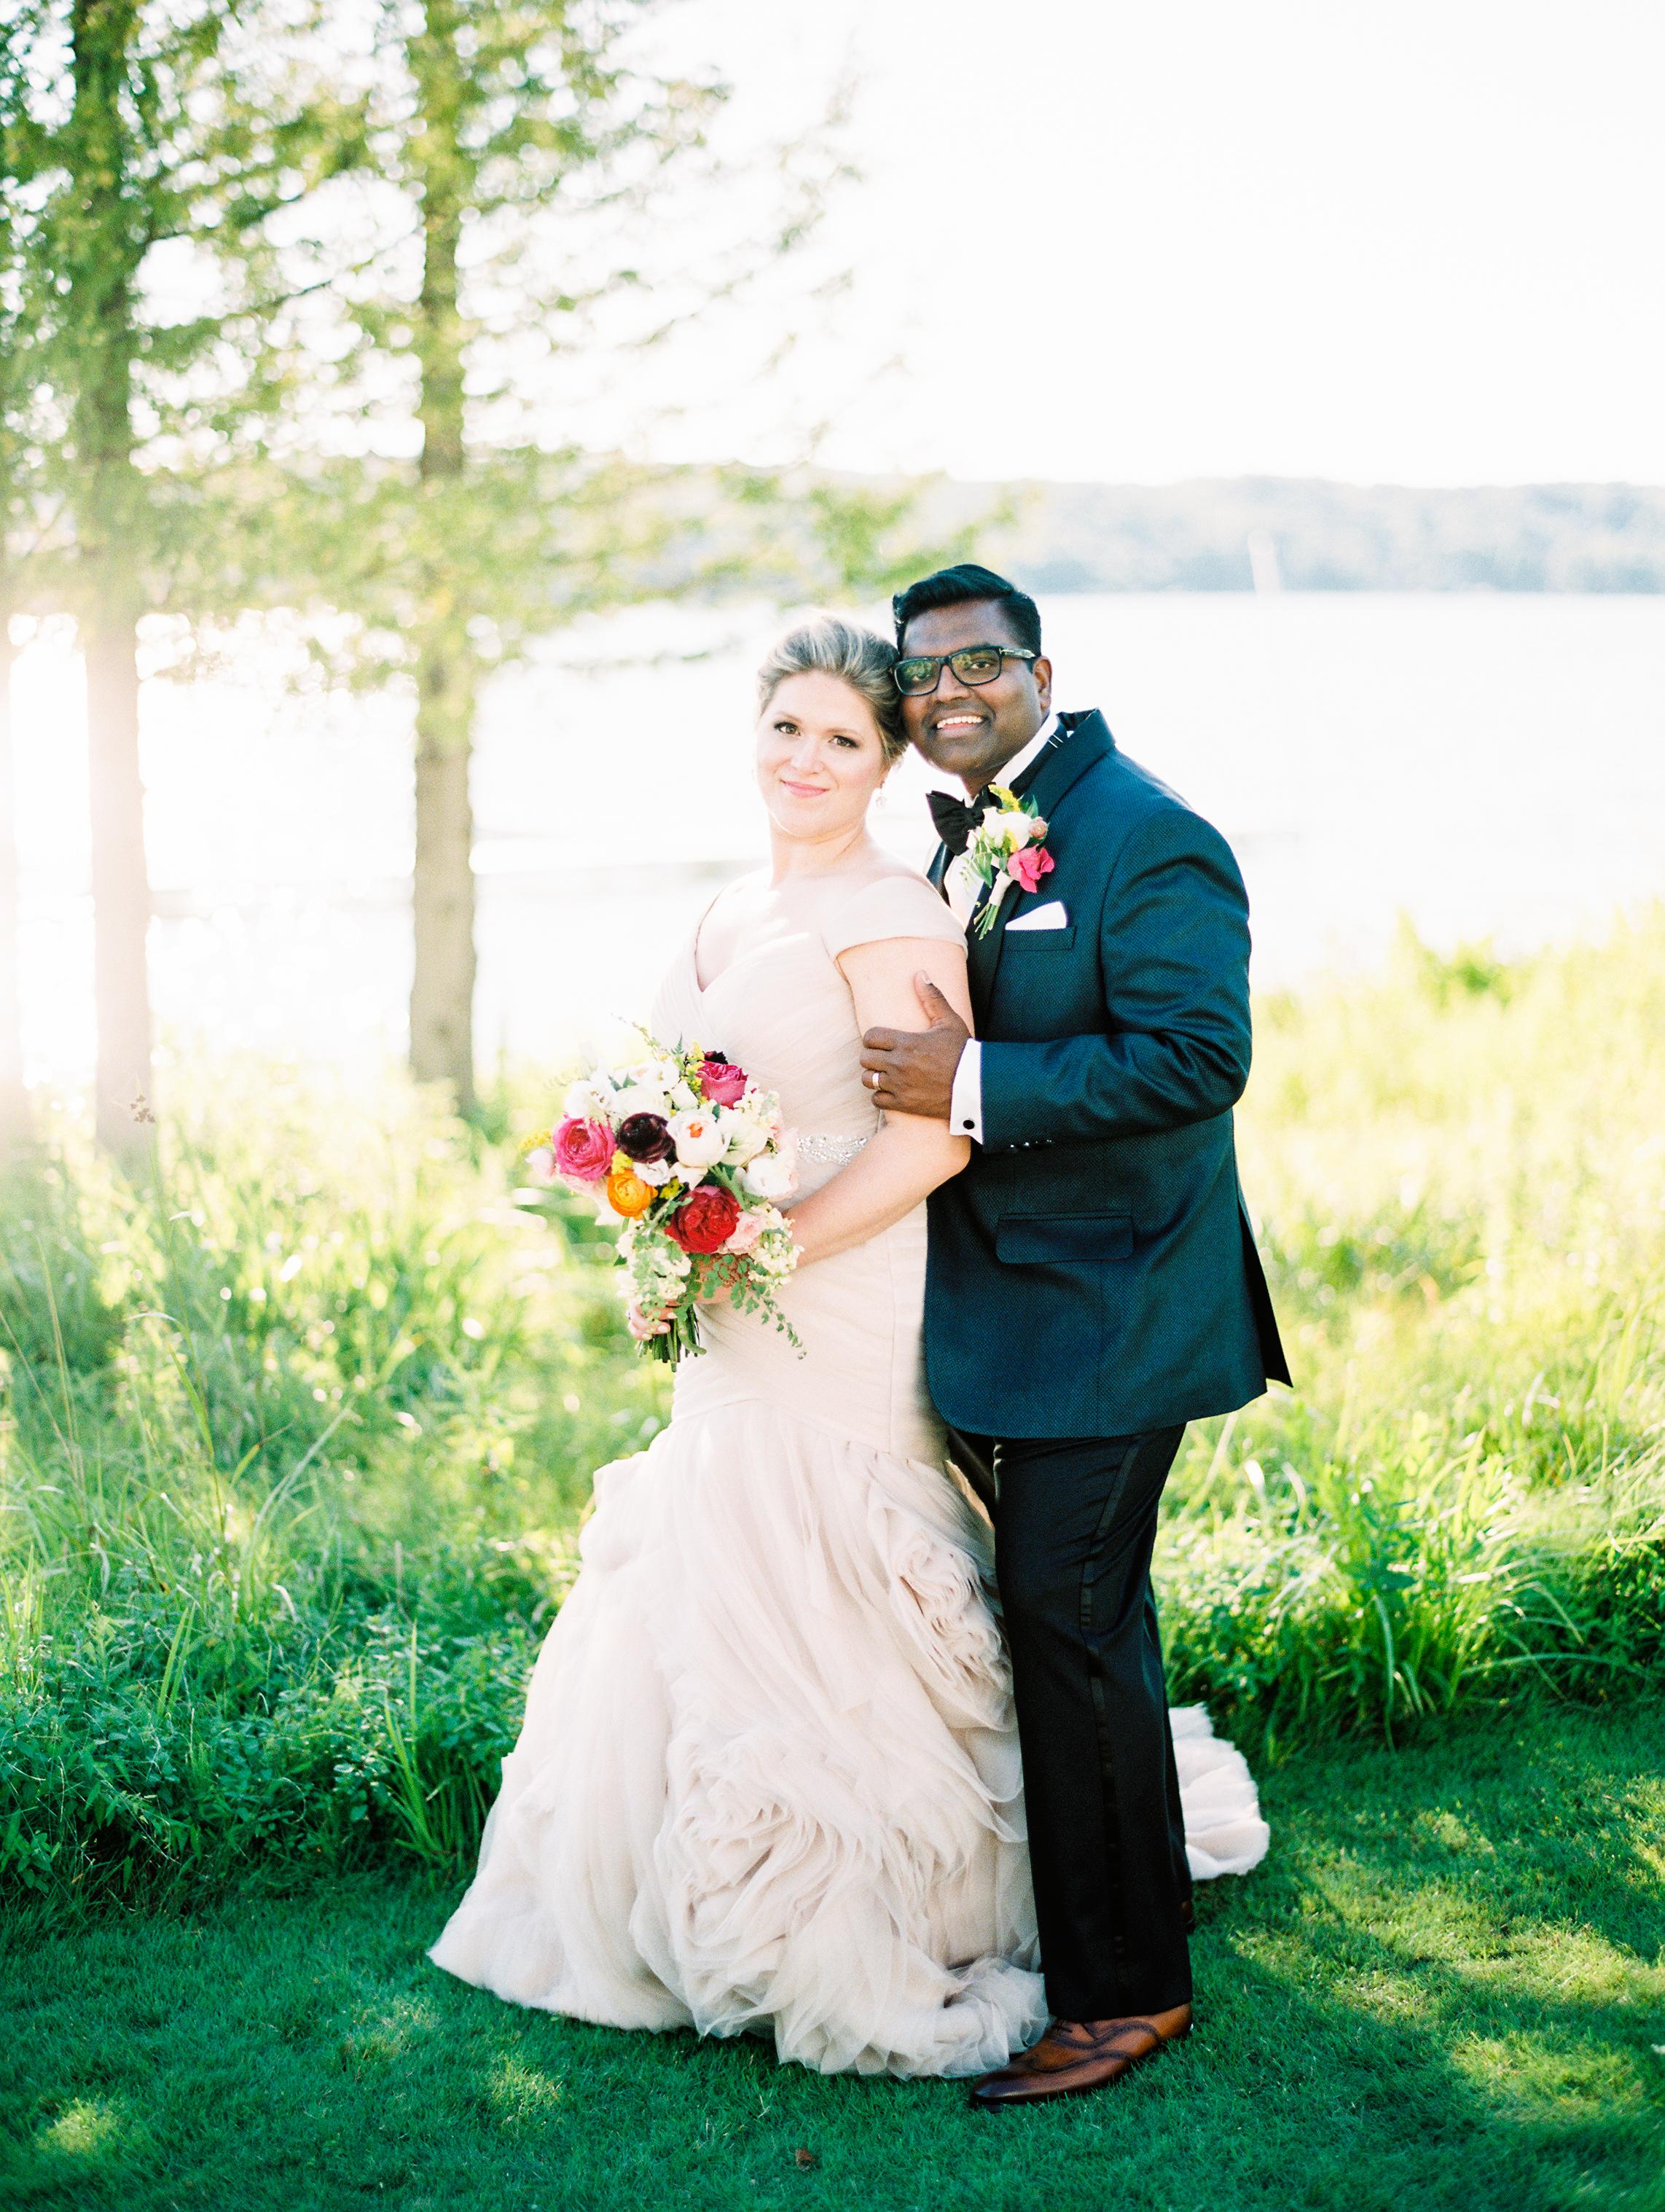 Govathoti+Wedding+Bridal+Partyb-11.jpg